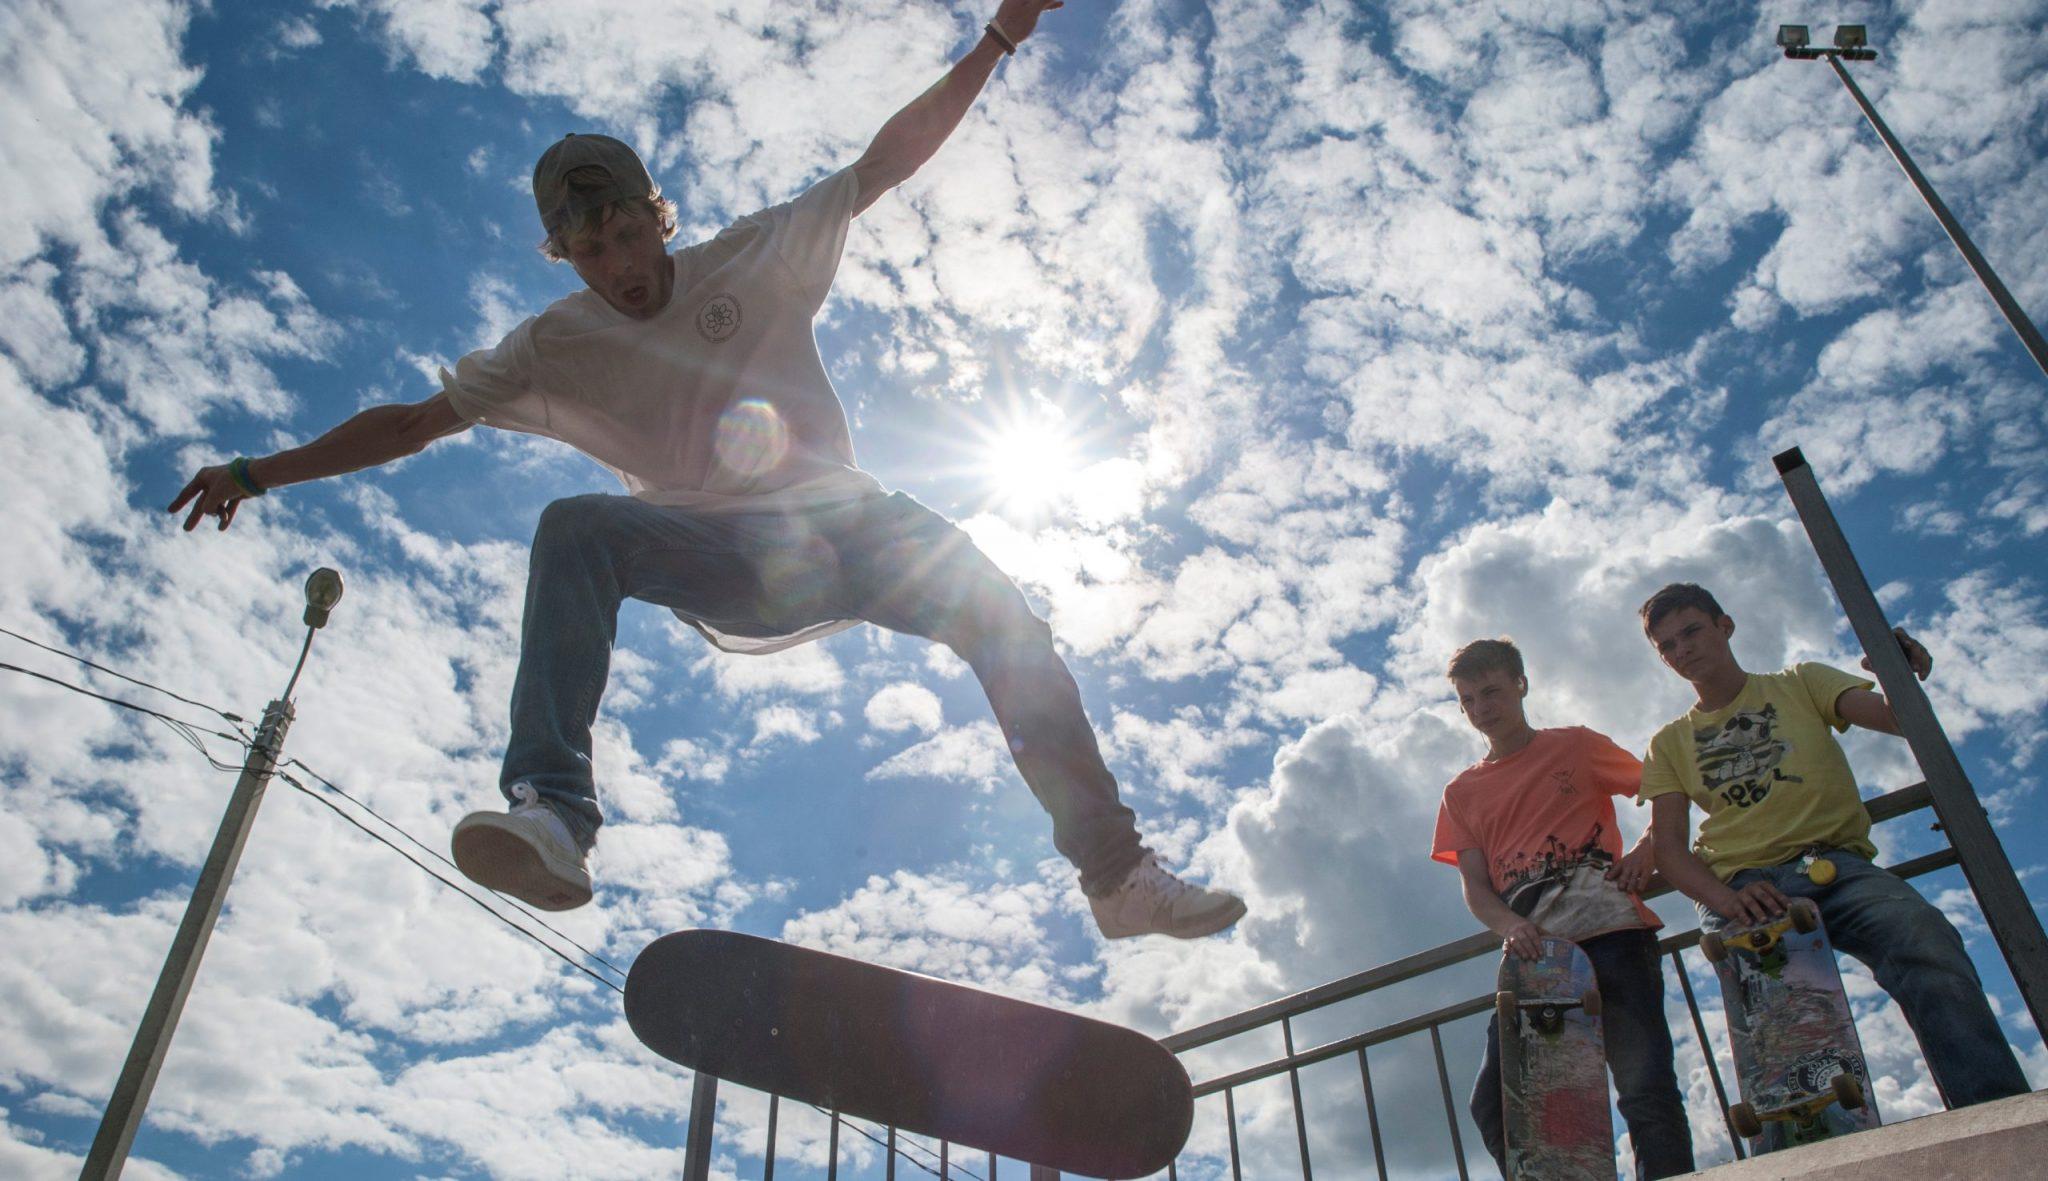 Москвич Александр Кулиев занимается скейтбордом. Спорт на свежем воздухе очень полезен старшеклассникам после умственного труда, ФОТО: Александр Кожохин